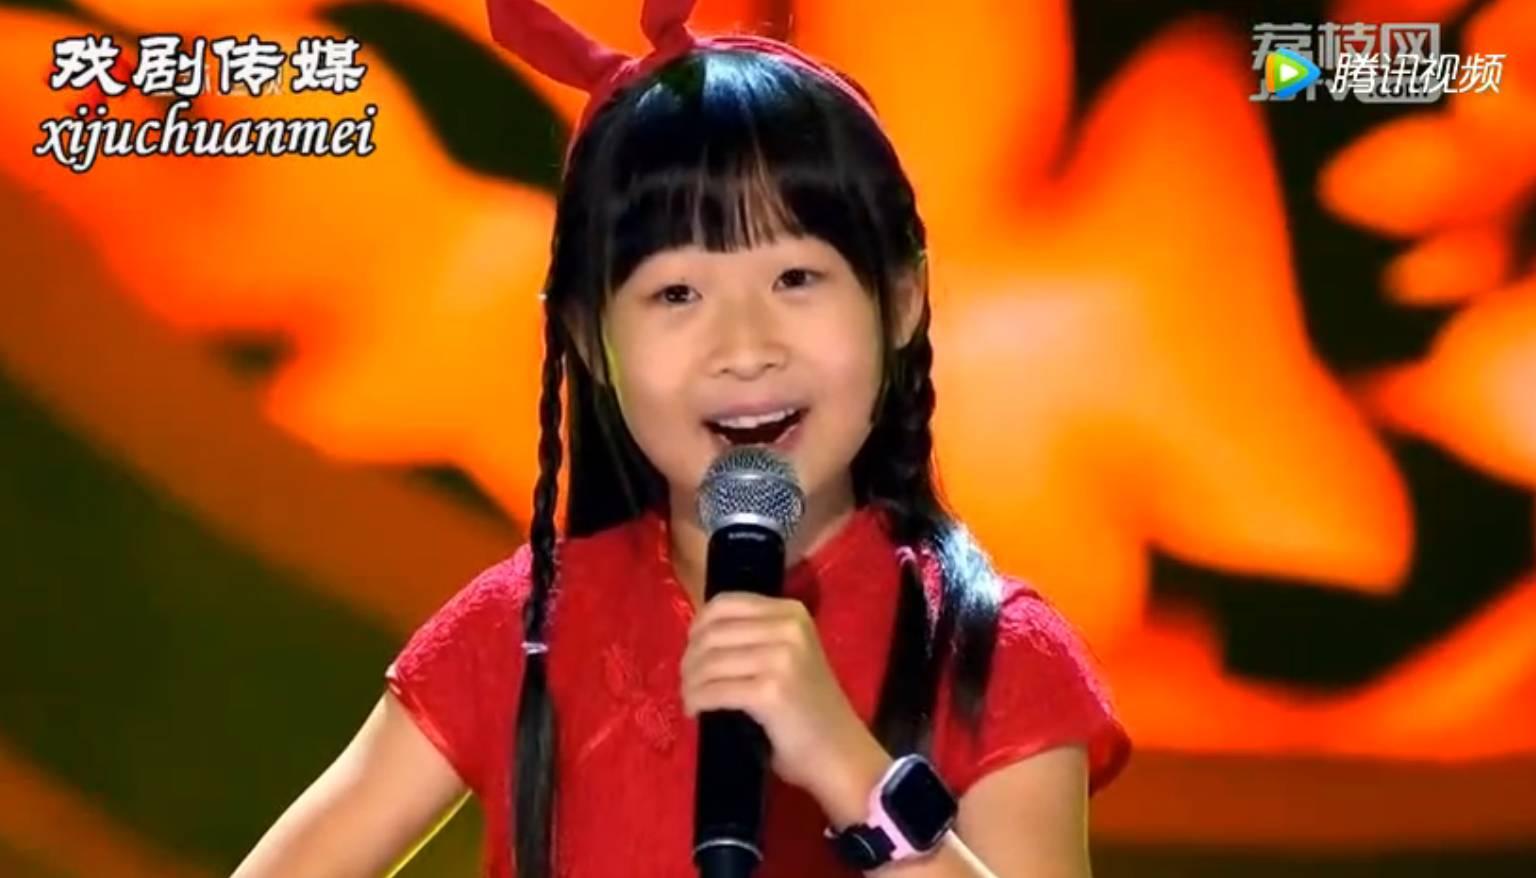 阎维文评价,她唱的这首由京剧名家胡文阁改编成京剧的《我爱你中国》